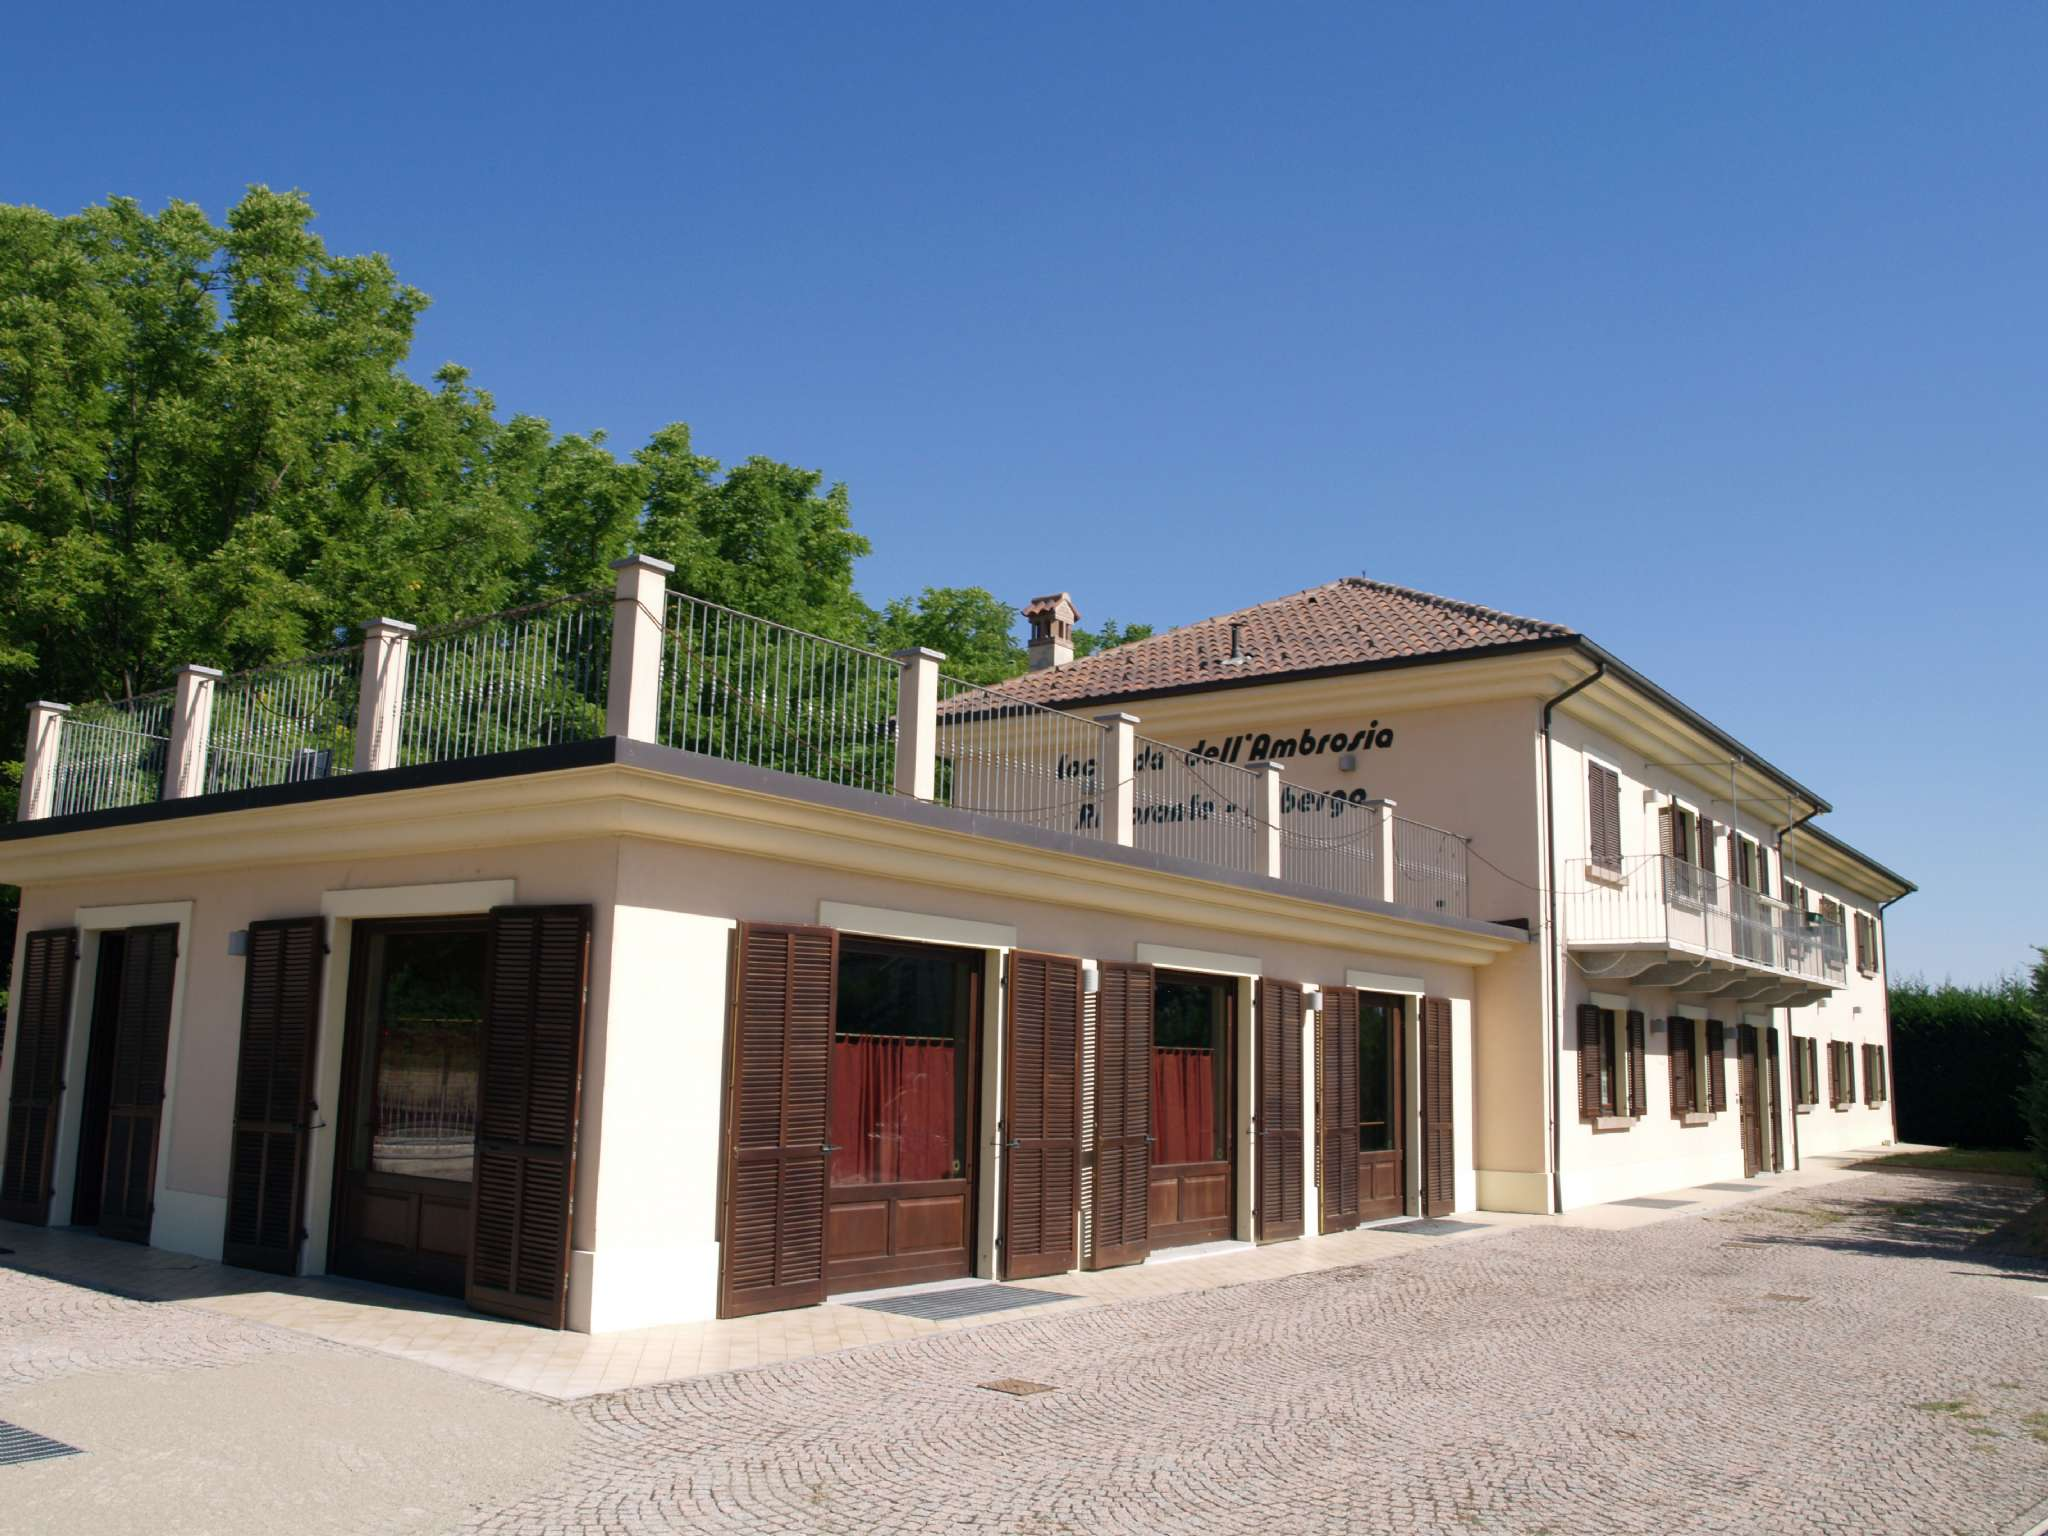 Immobile Commerciale in vendita a Magliano Alfieri, 10 locali, prezzo € 850.000 | CambioCasa.it